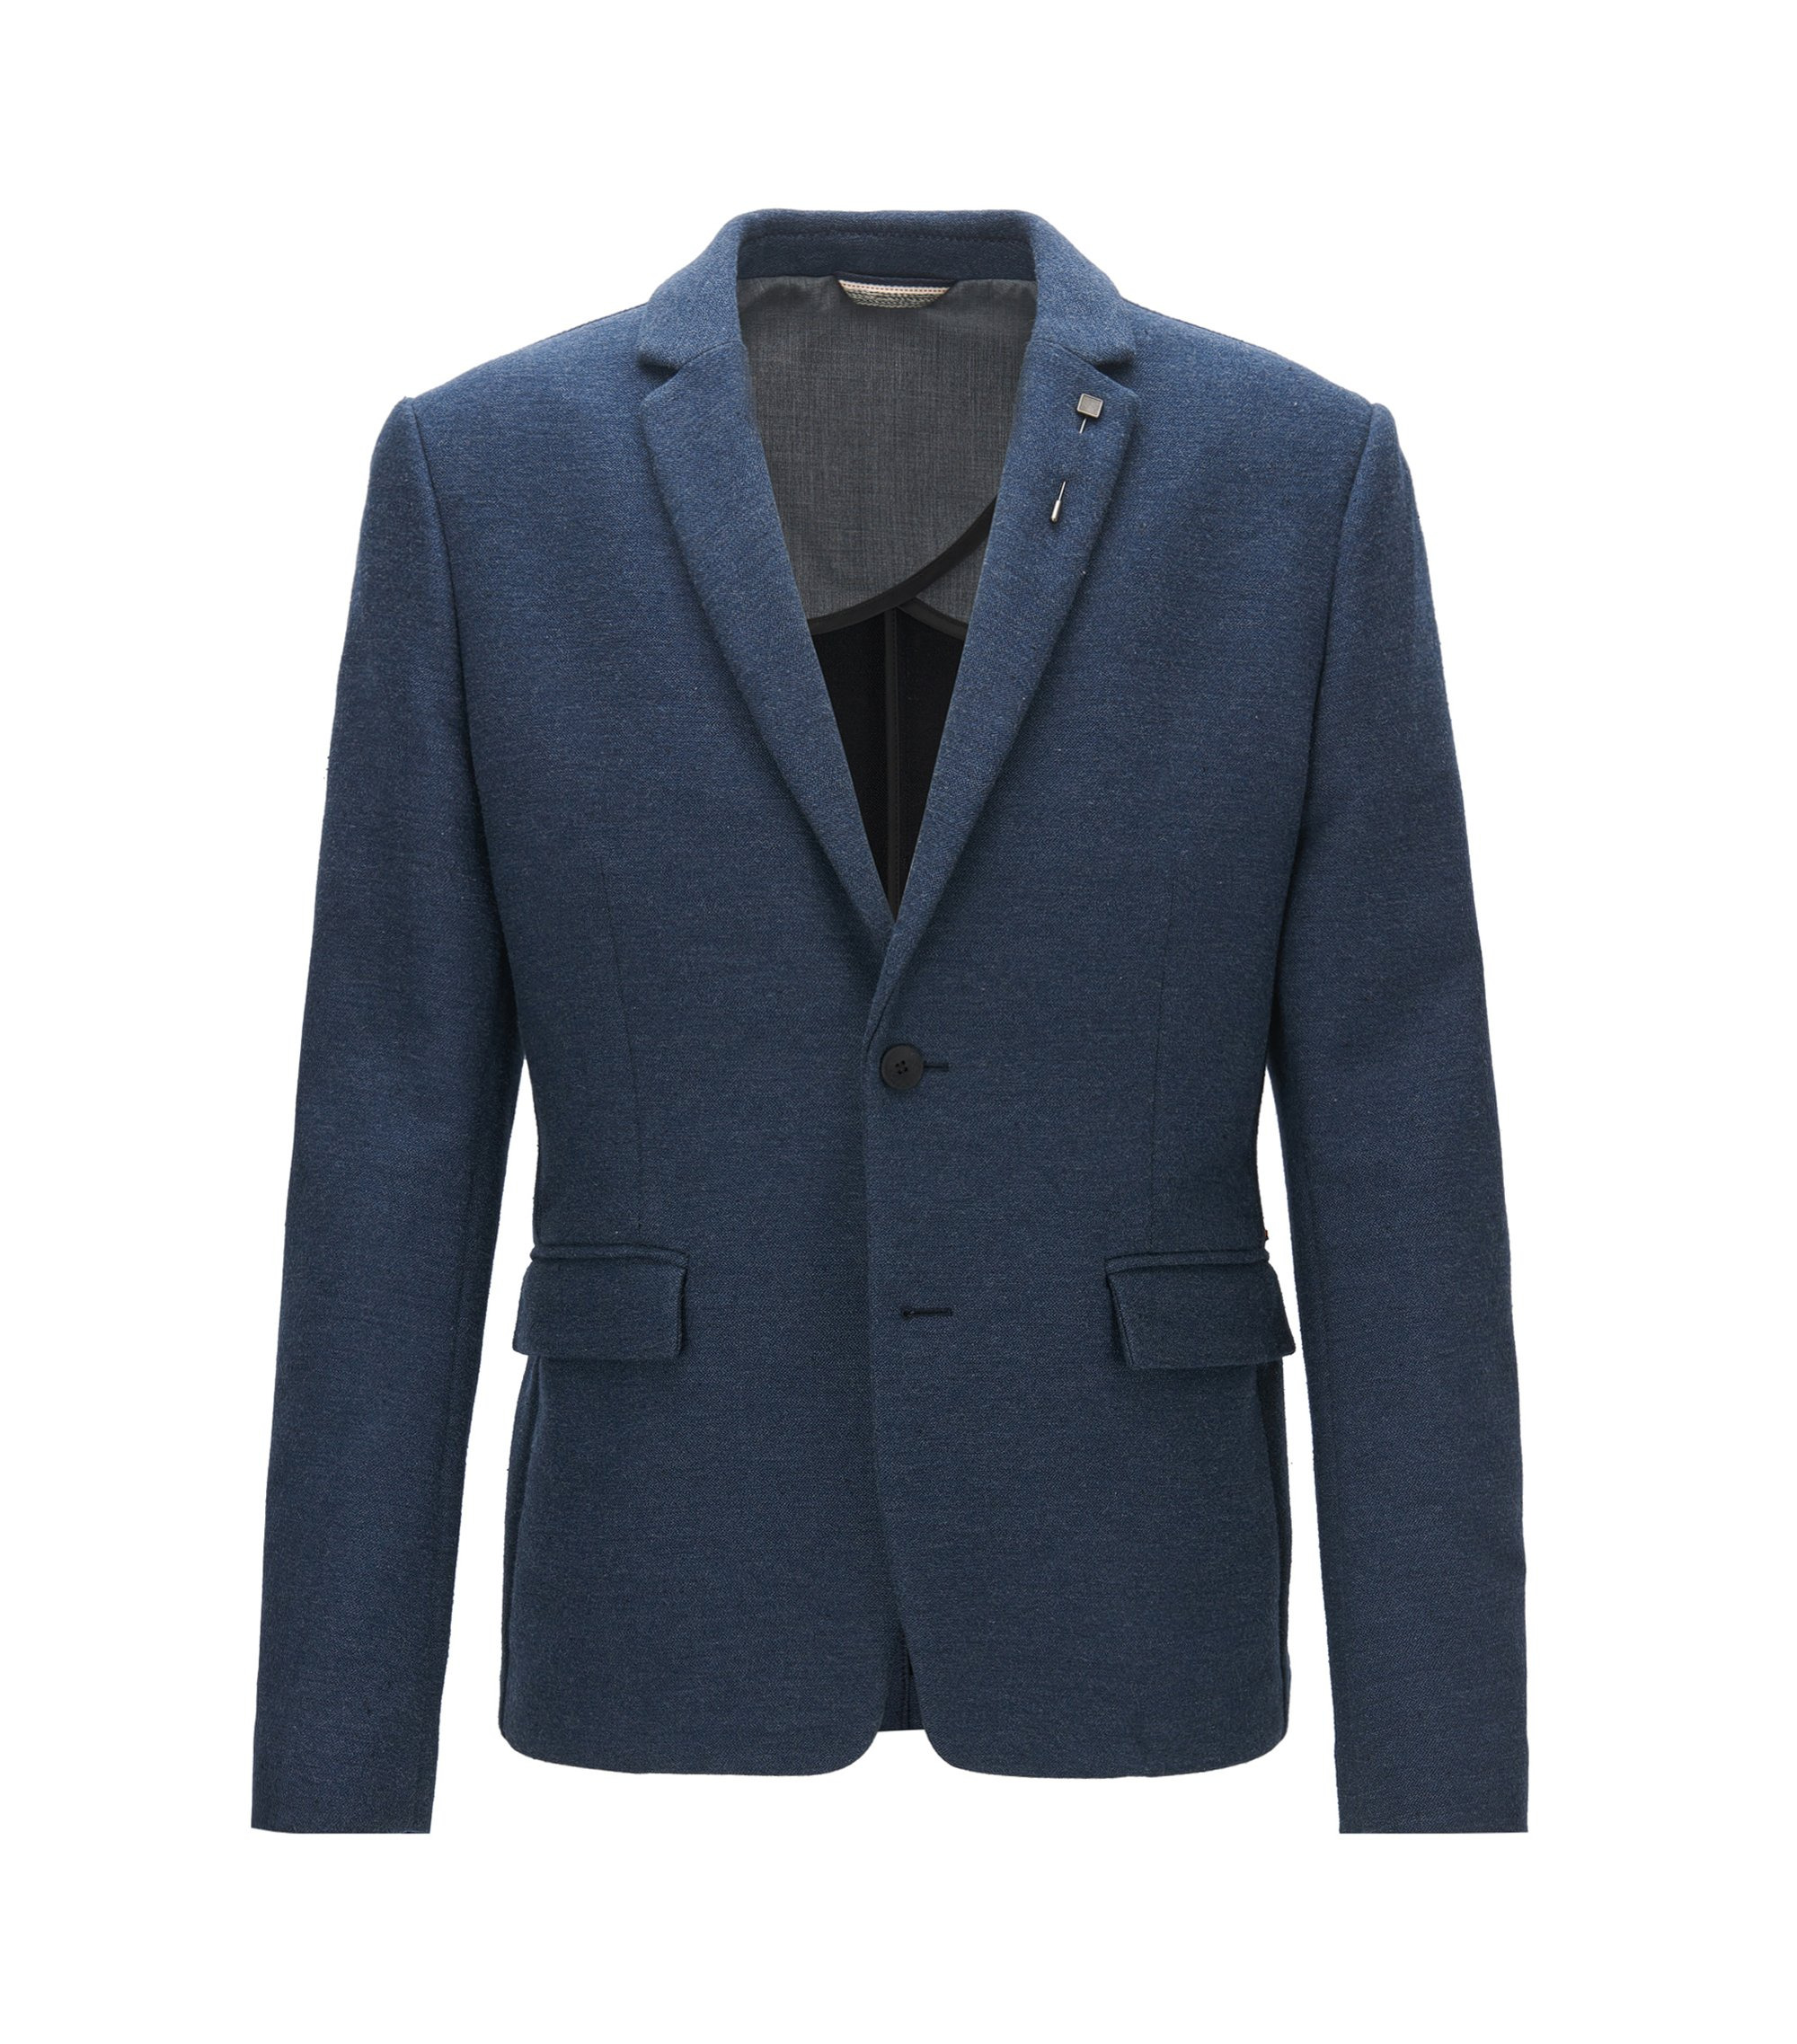 Veste Slim Fit en coton mélangé, Bleu foncé